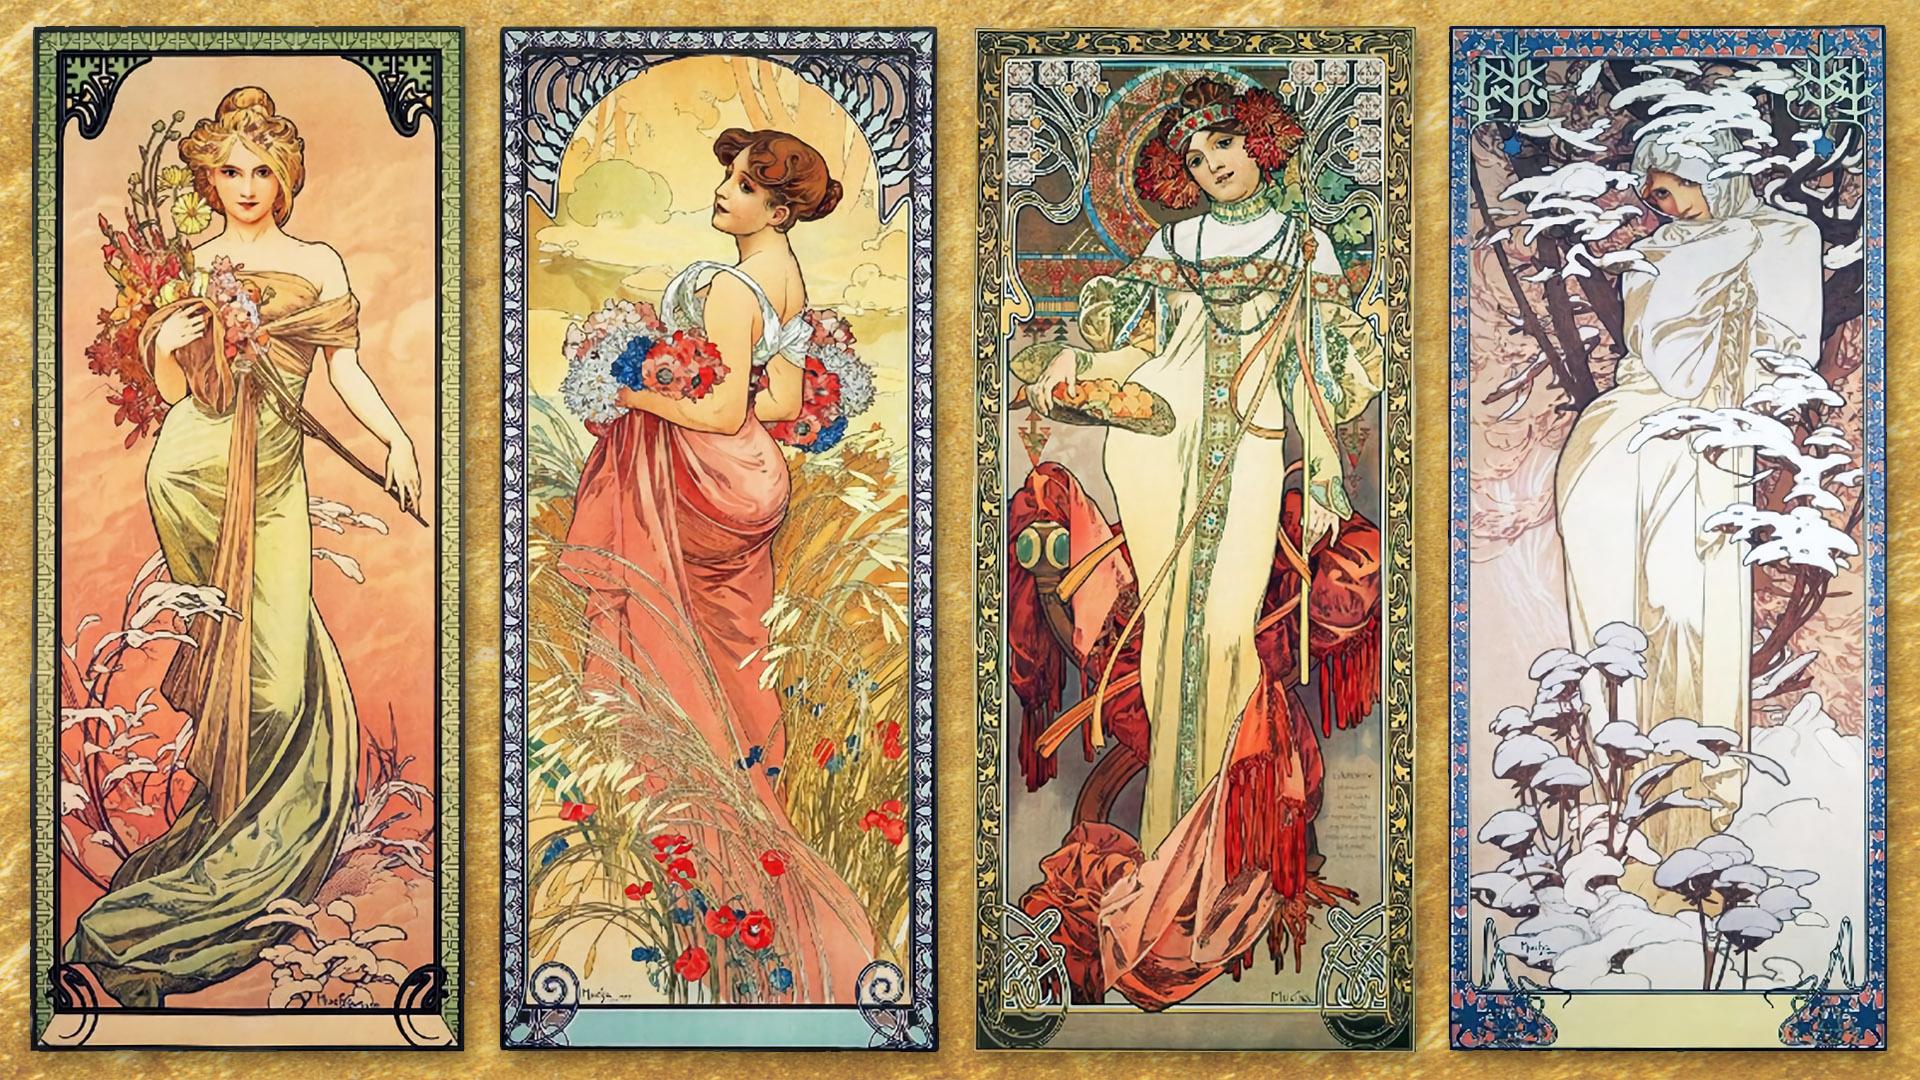 ミュシャ Alphonse Mucha - The Seasons 1900 1920x1080